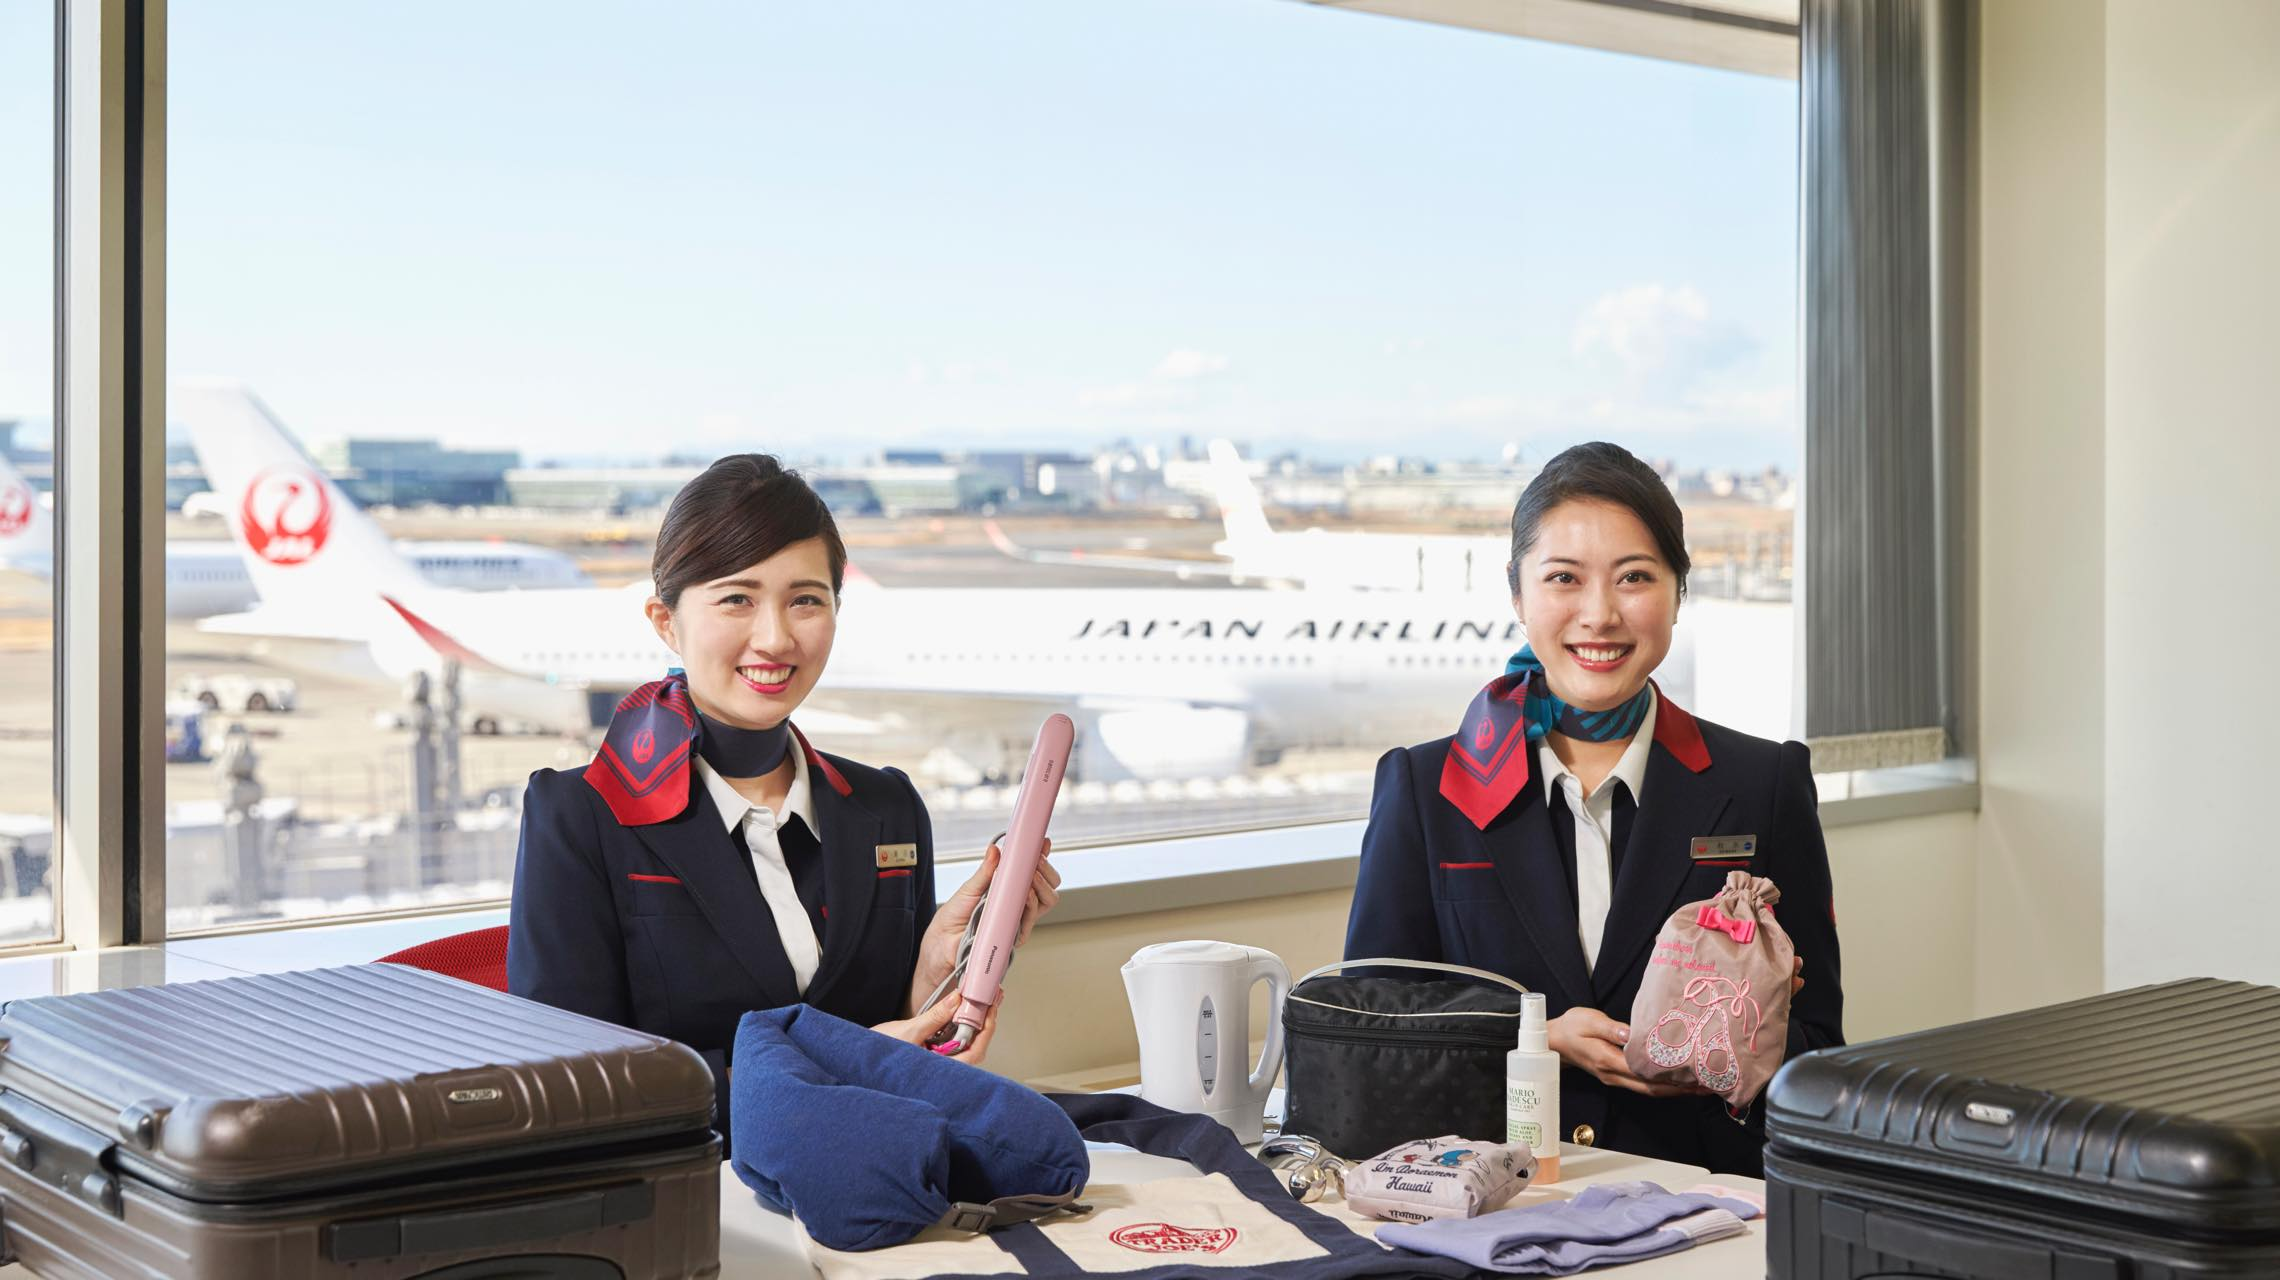 JAL客室乗務員に聞いた、海外旅行の持ち物リストと便利グッズ